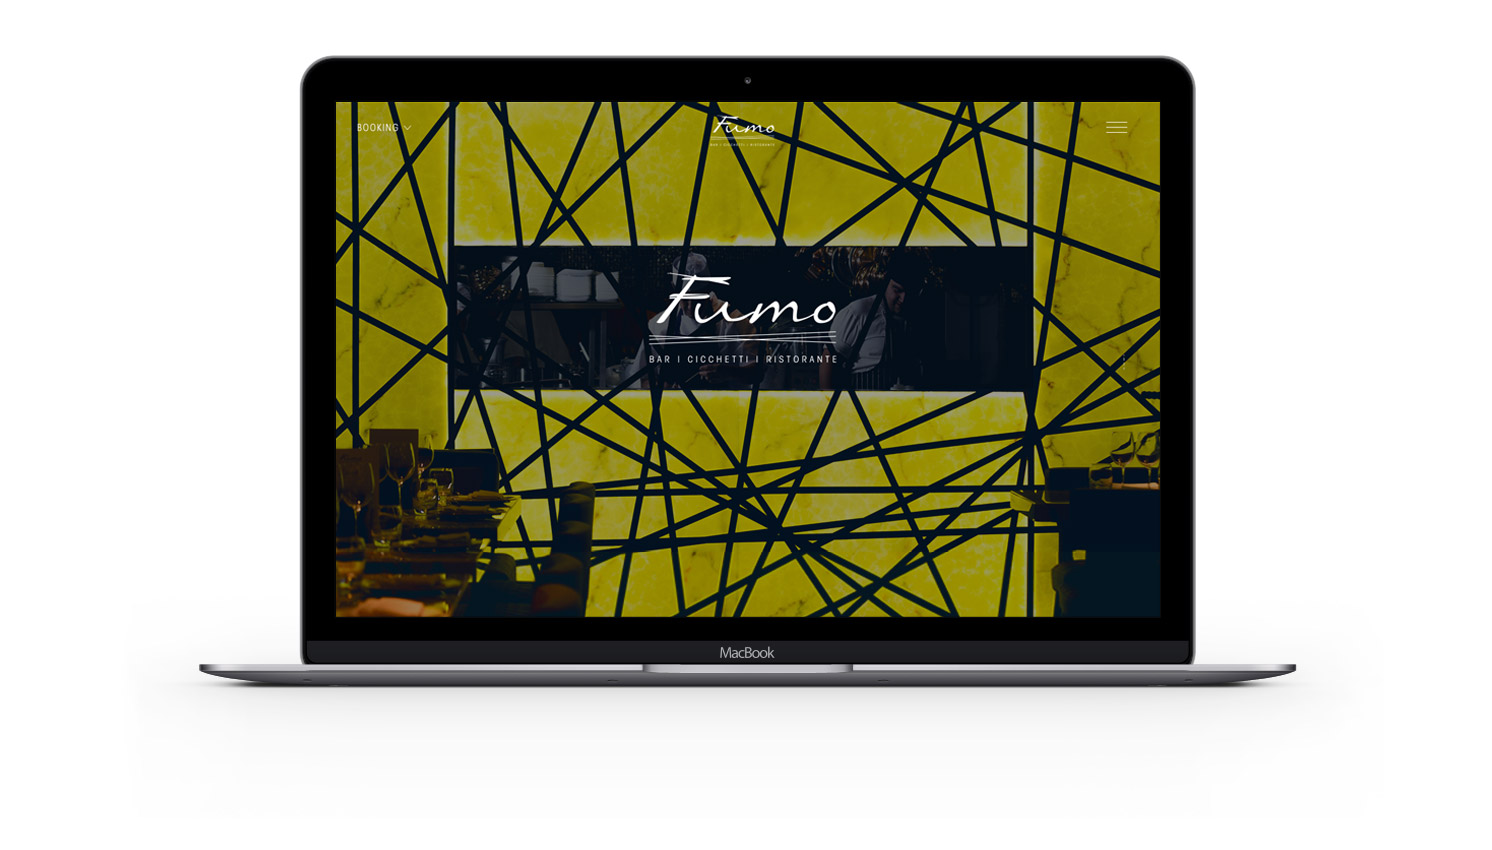 Mac_Fumo_Home-V1.jpg